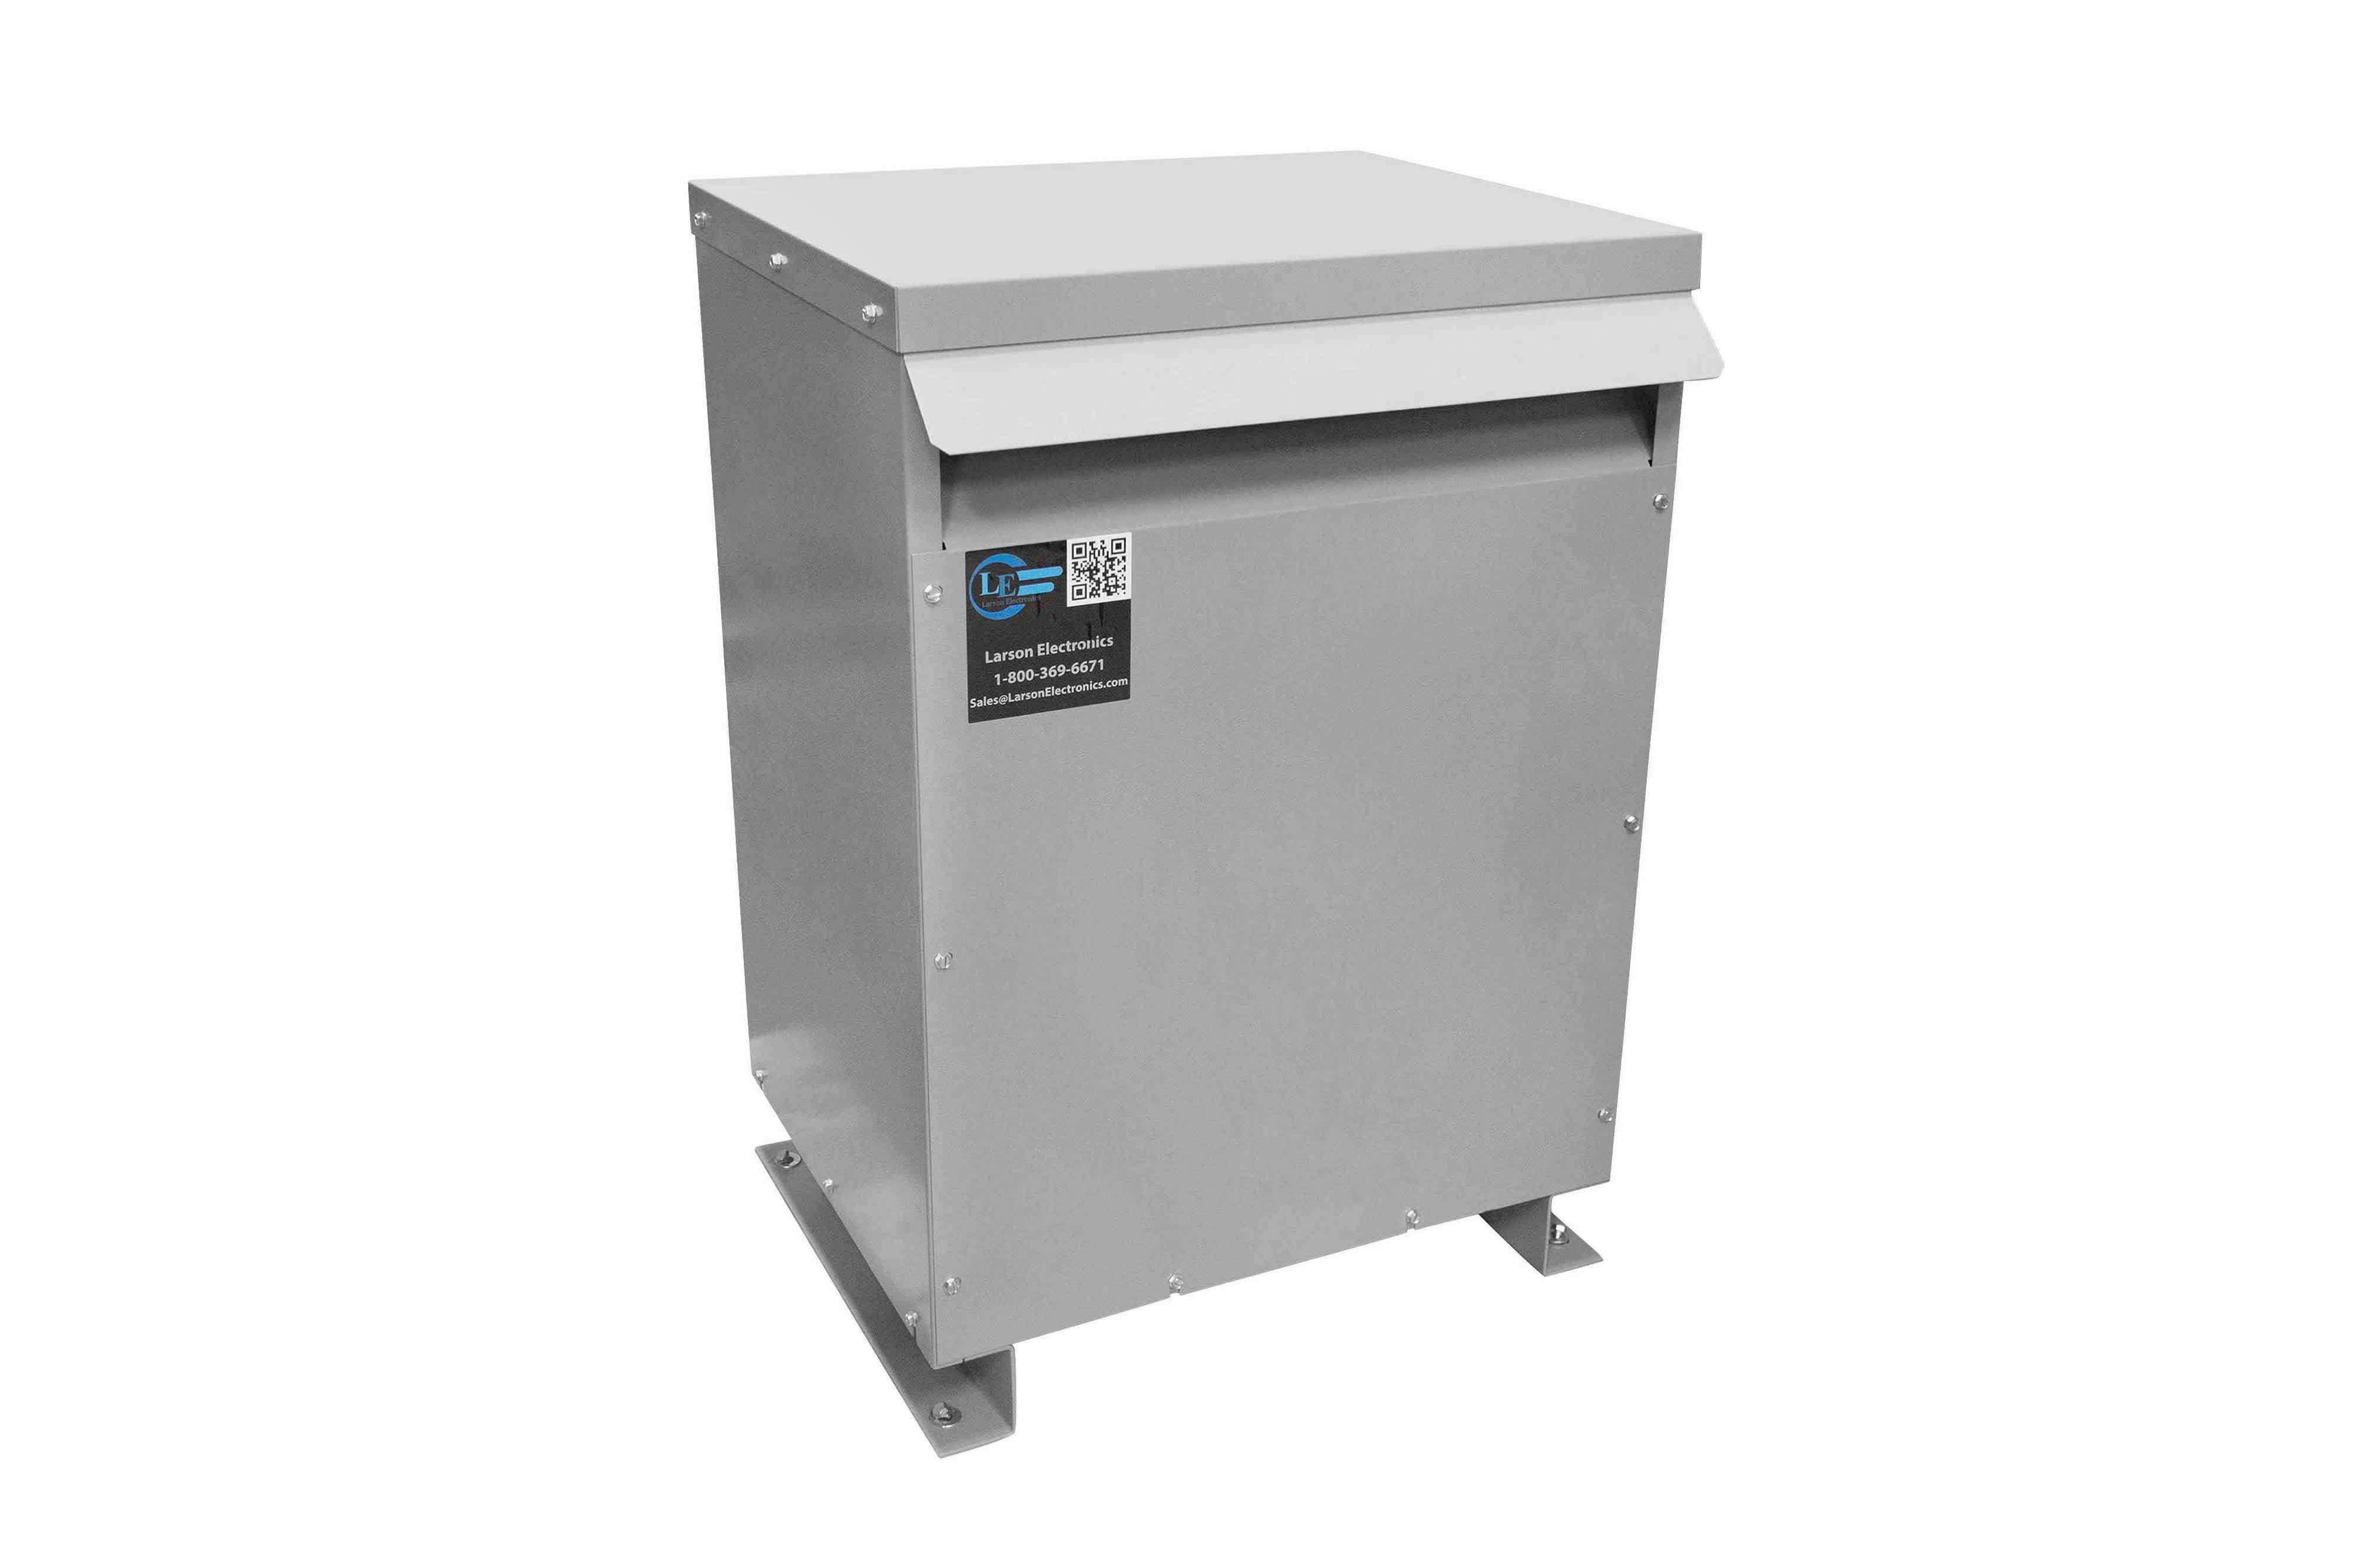 9 kVA 3PH Isolation Transformer, 600V Delta Primary, 380V Delta Secondary, N3R, Ventilated, 60 Hz